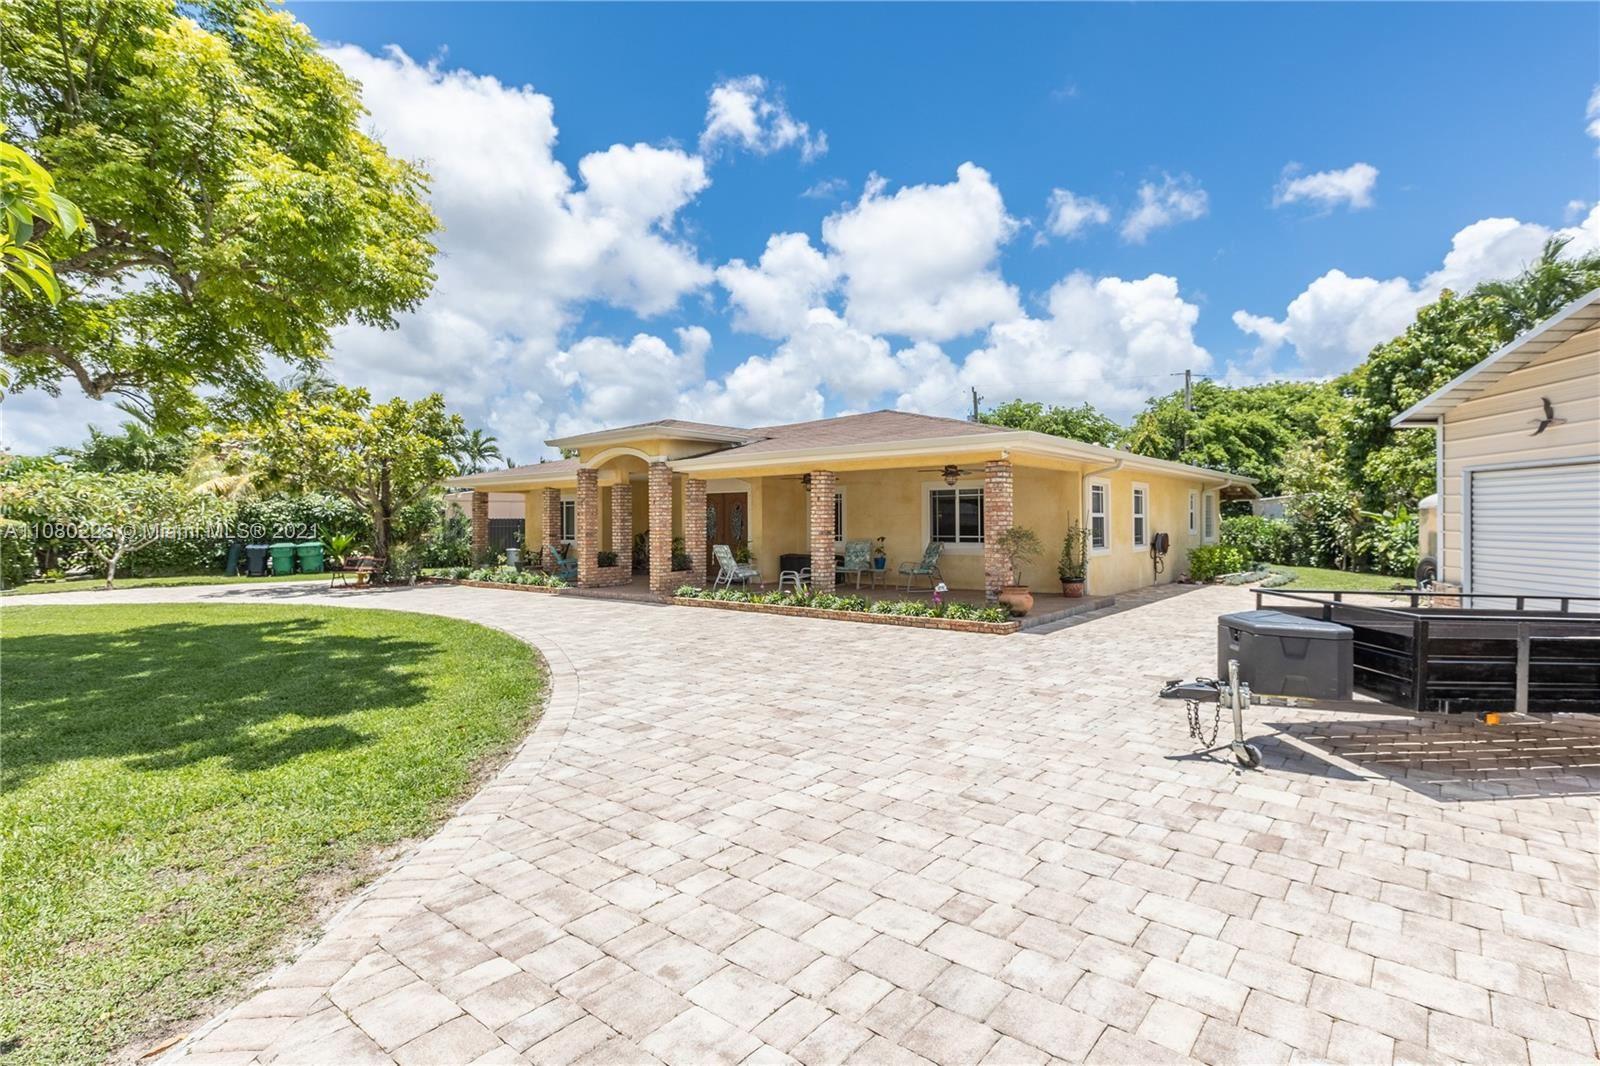 5130 SW 99th Ave, Miami, FL 33165 - #: A11080225